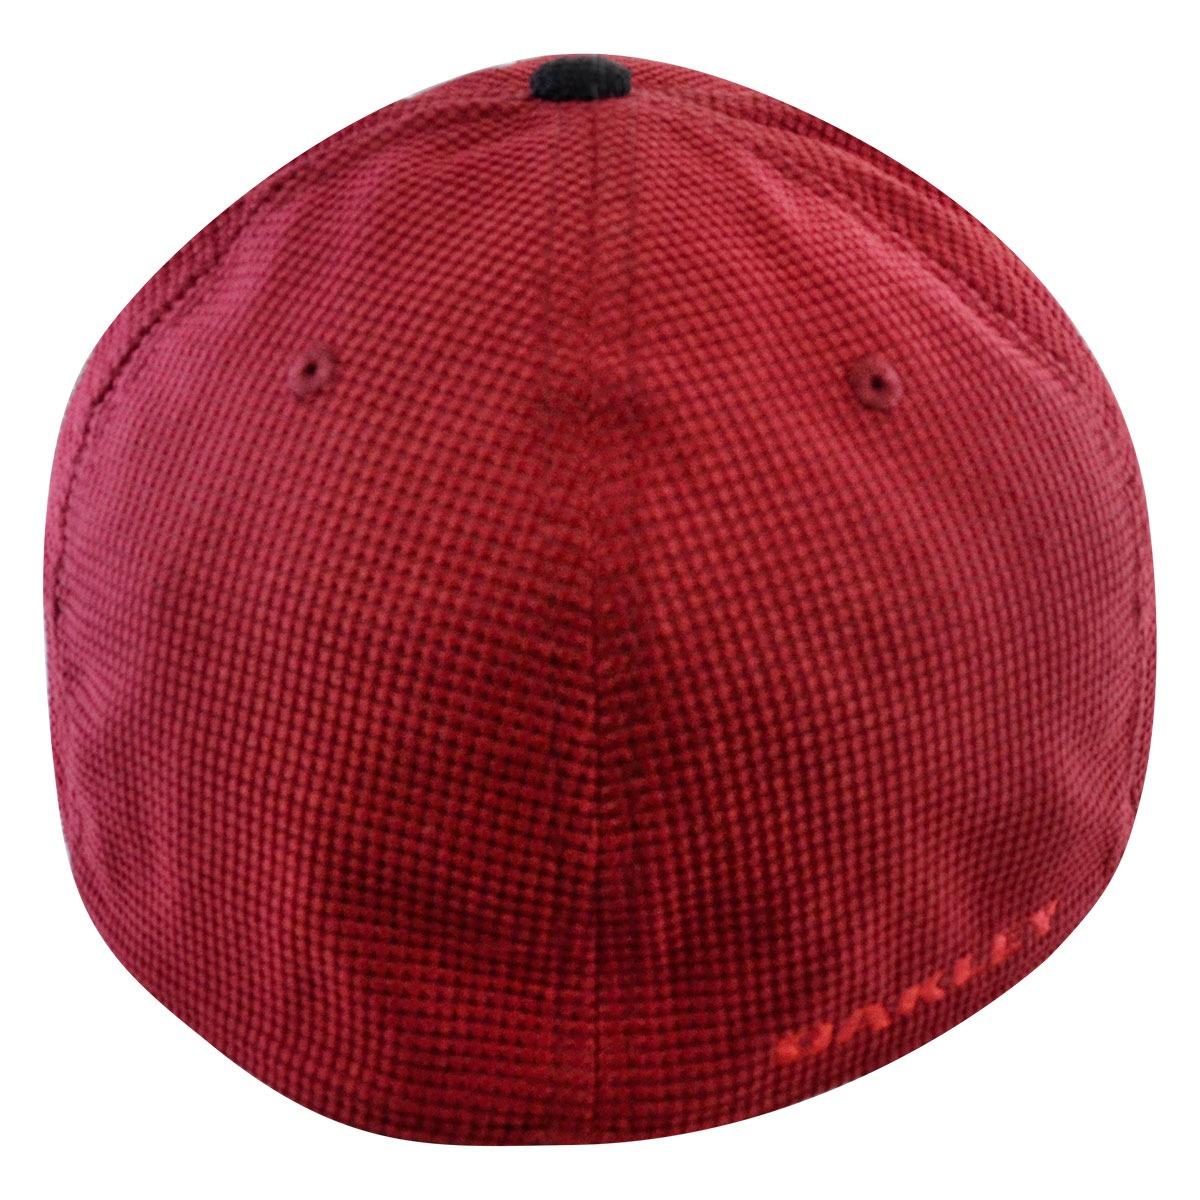 bone oakley metal gascan 2.0 vermelho com preto lançamento-l. Carregando  zoom. ab38e329ce4